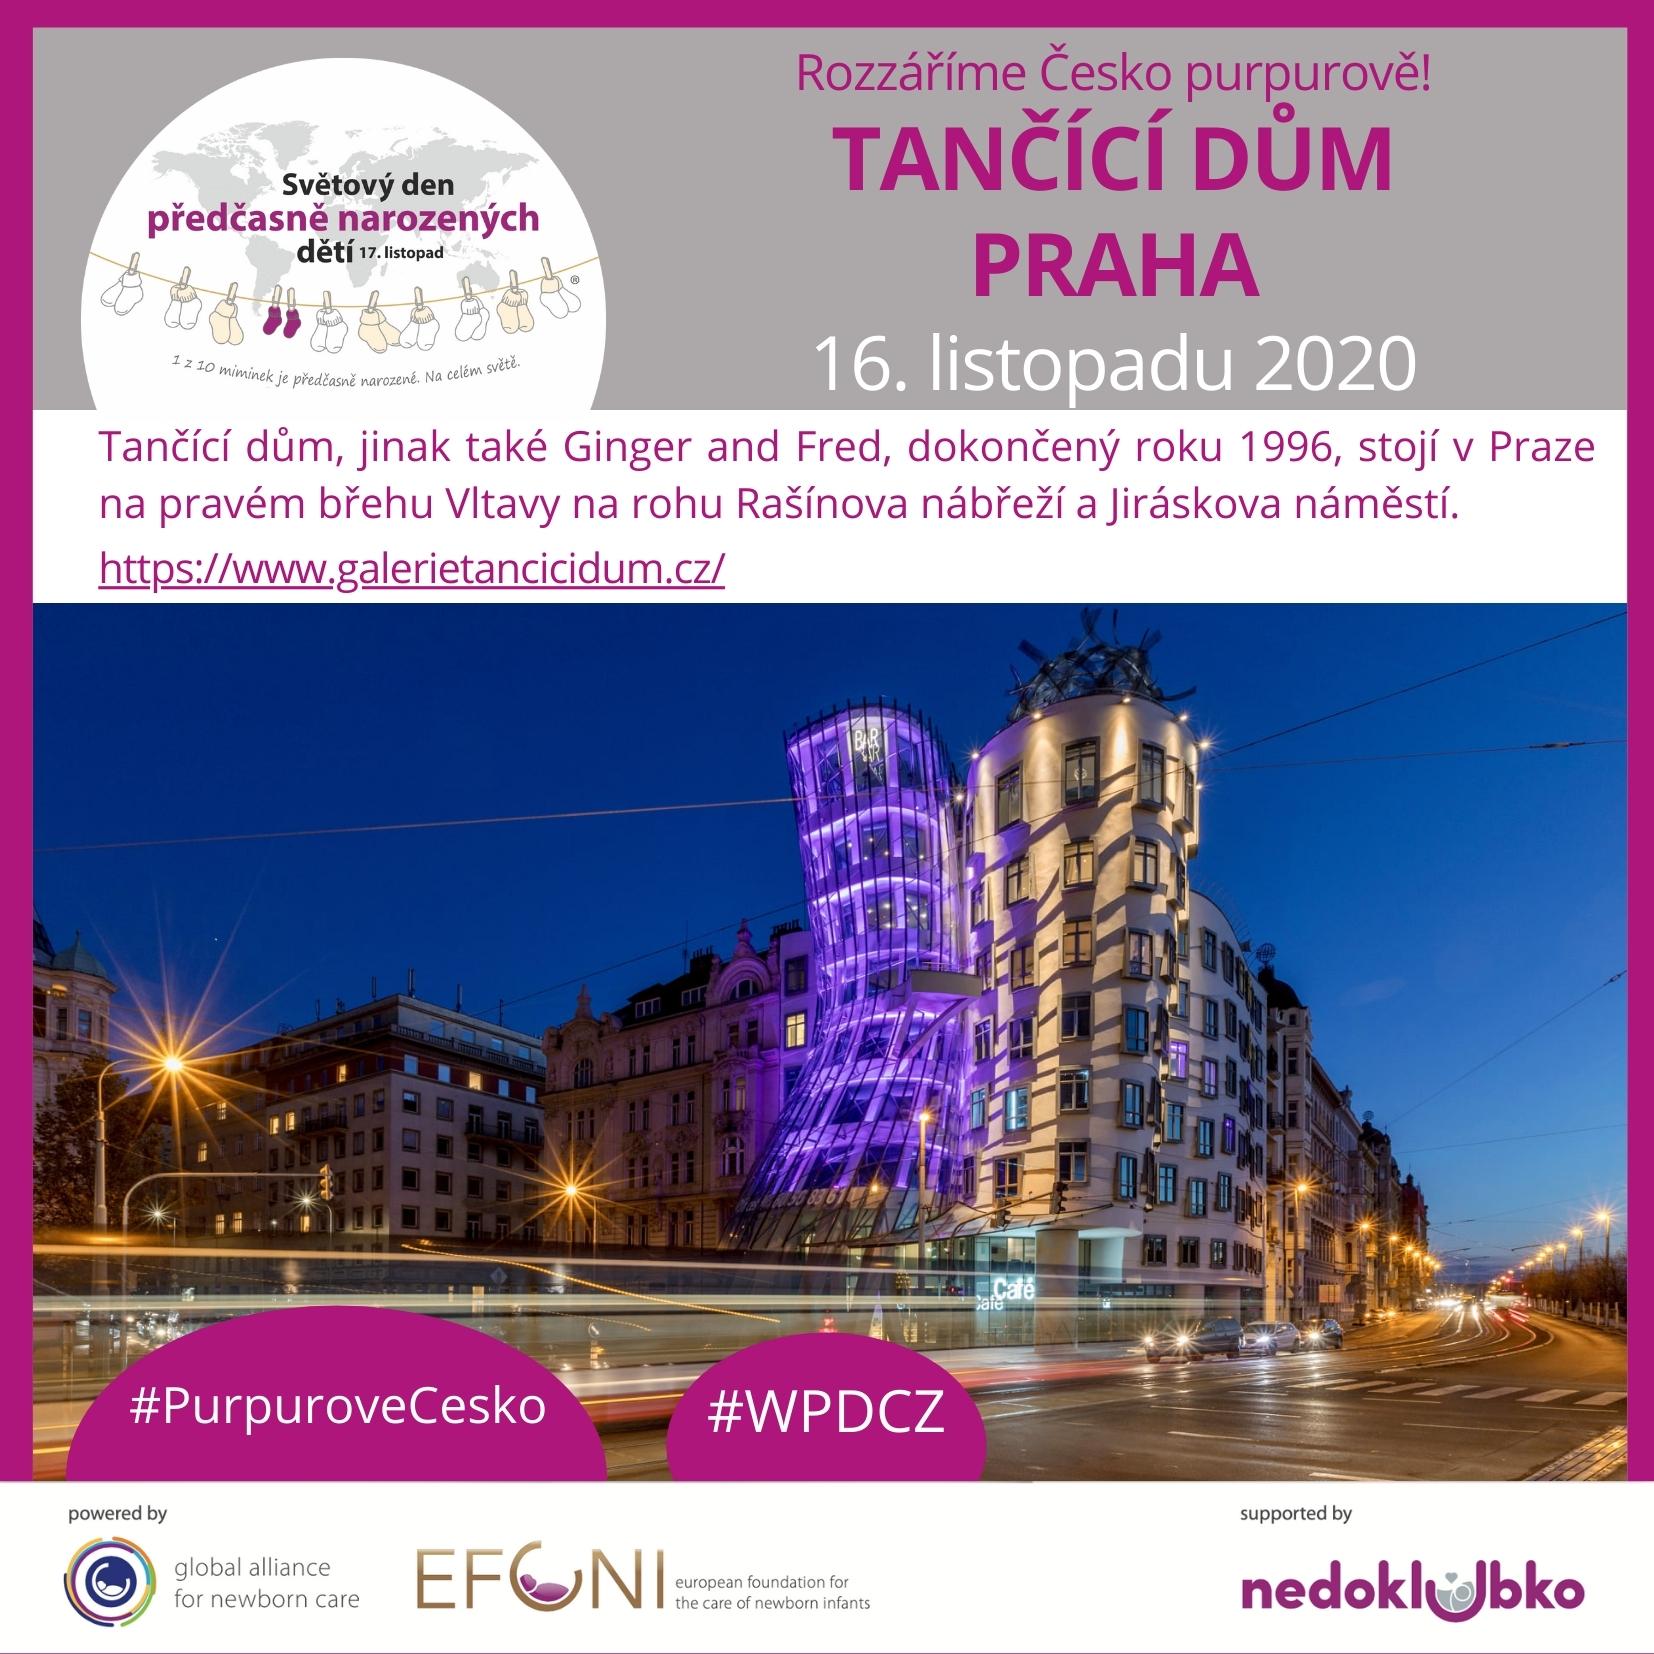 purpuroveCesko_PRAHA TANCICI DUM